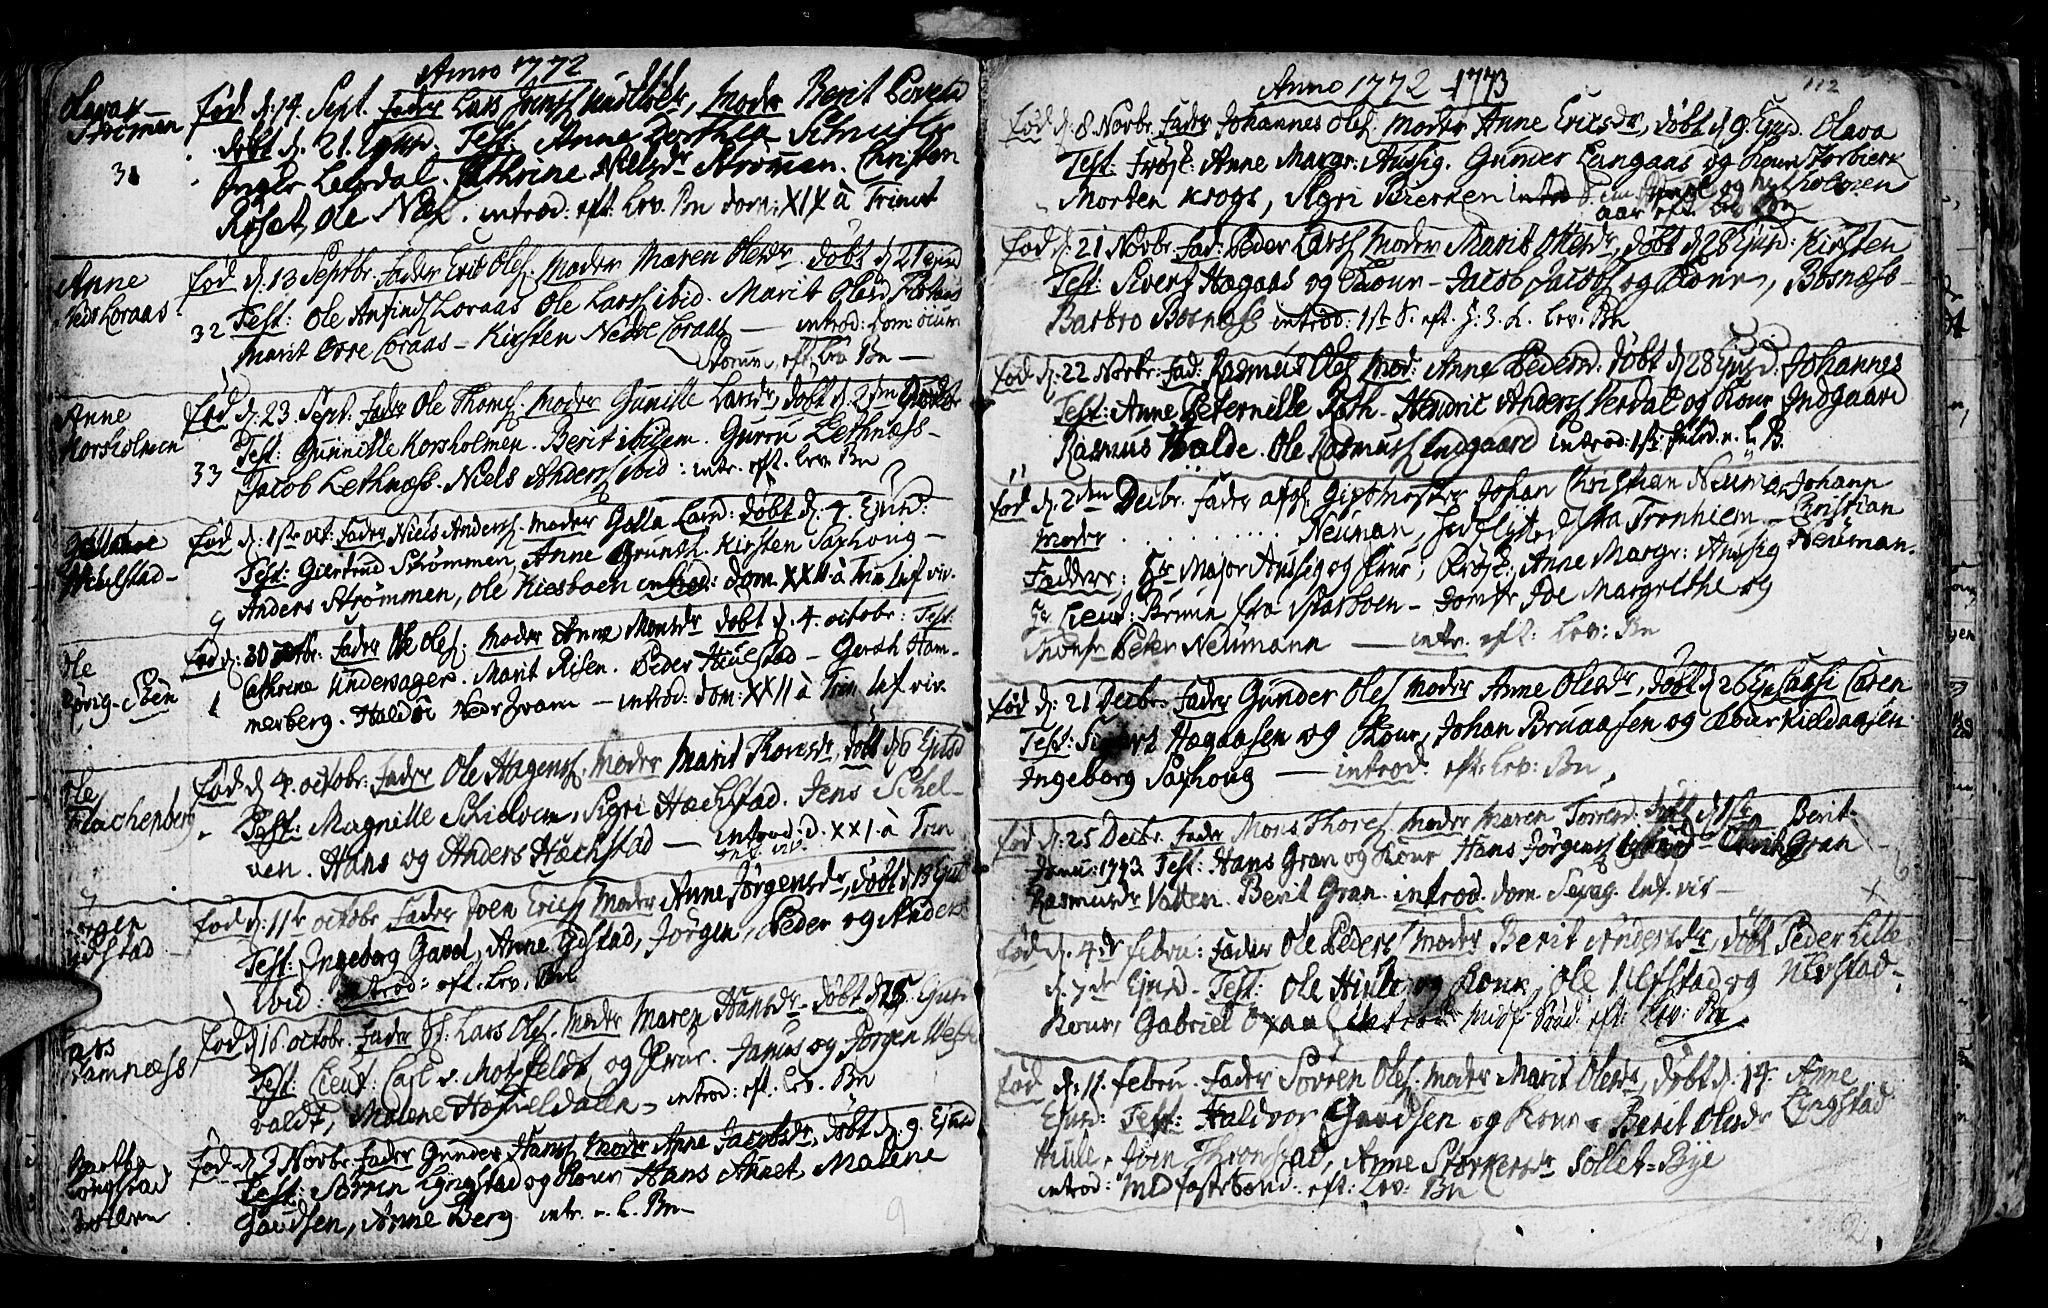 SAT, Ministerialprotokoller, klokkerbøker og fødselsregistre - Nord-Trøndelag, 730/L0273: Ministerialbok nr. 730A02, 1762-1802, s. 112